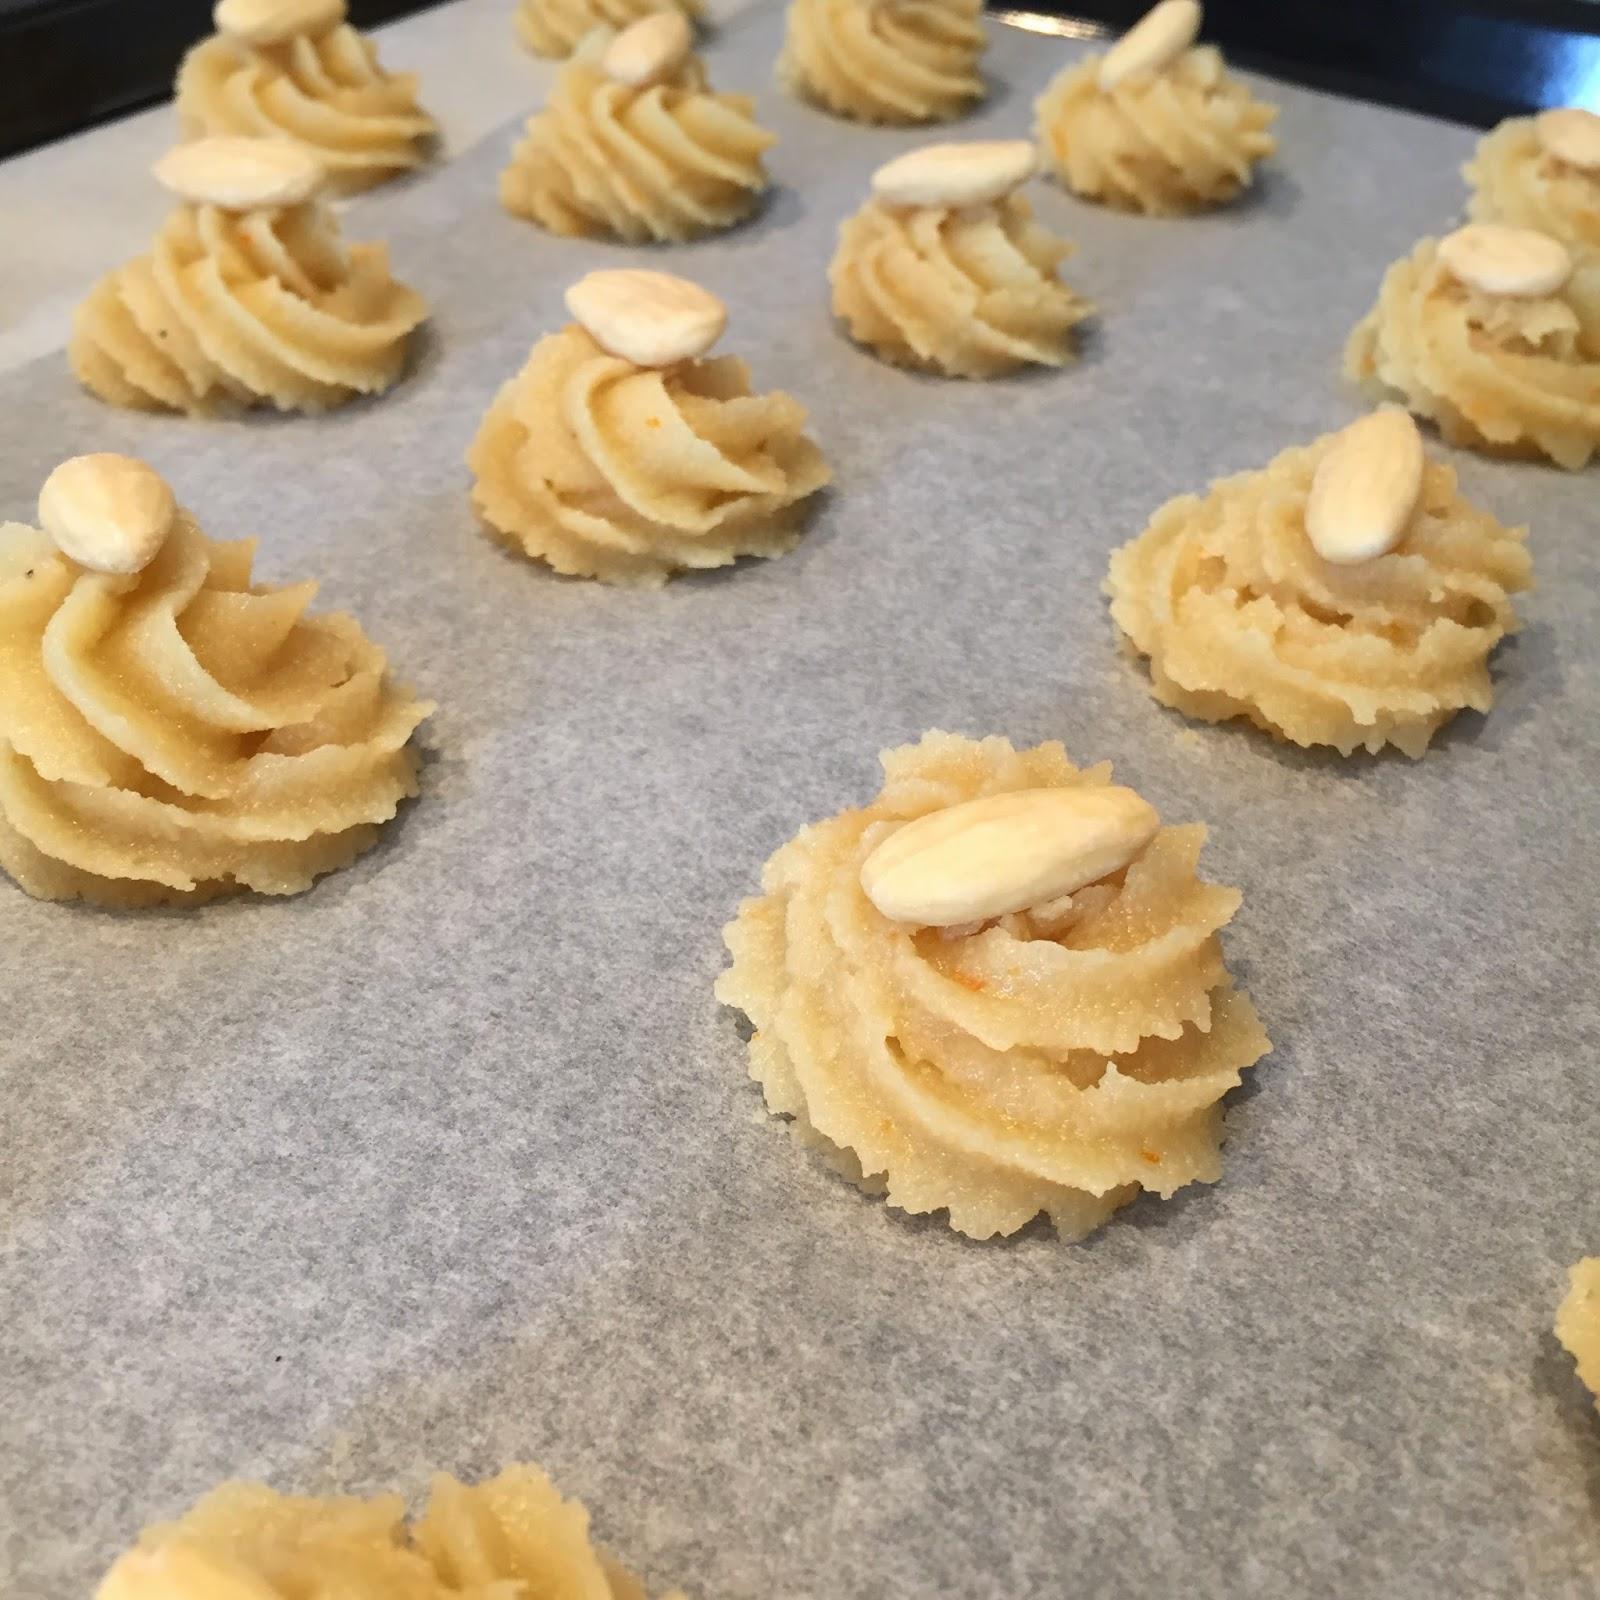 les secrets de la recette petits fours aux amandes sans farine